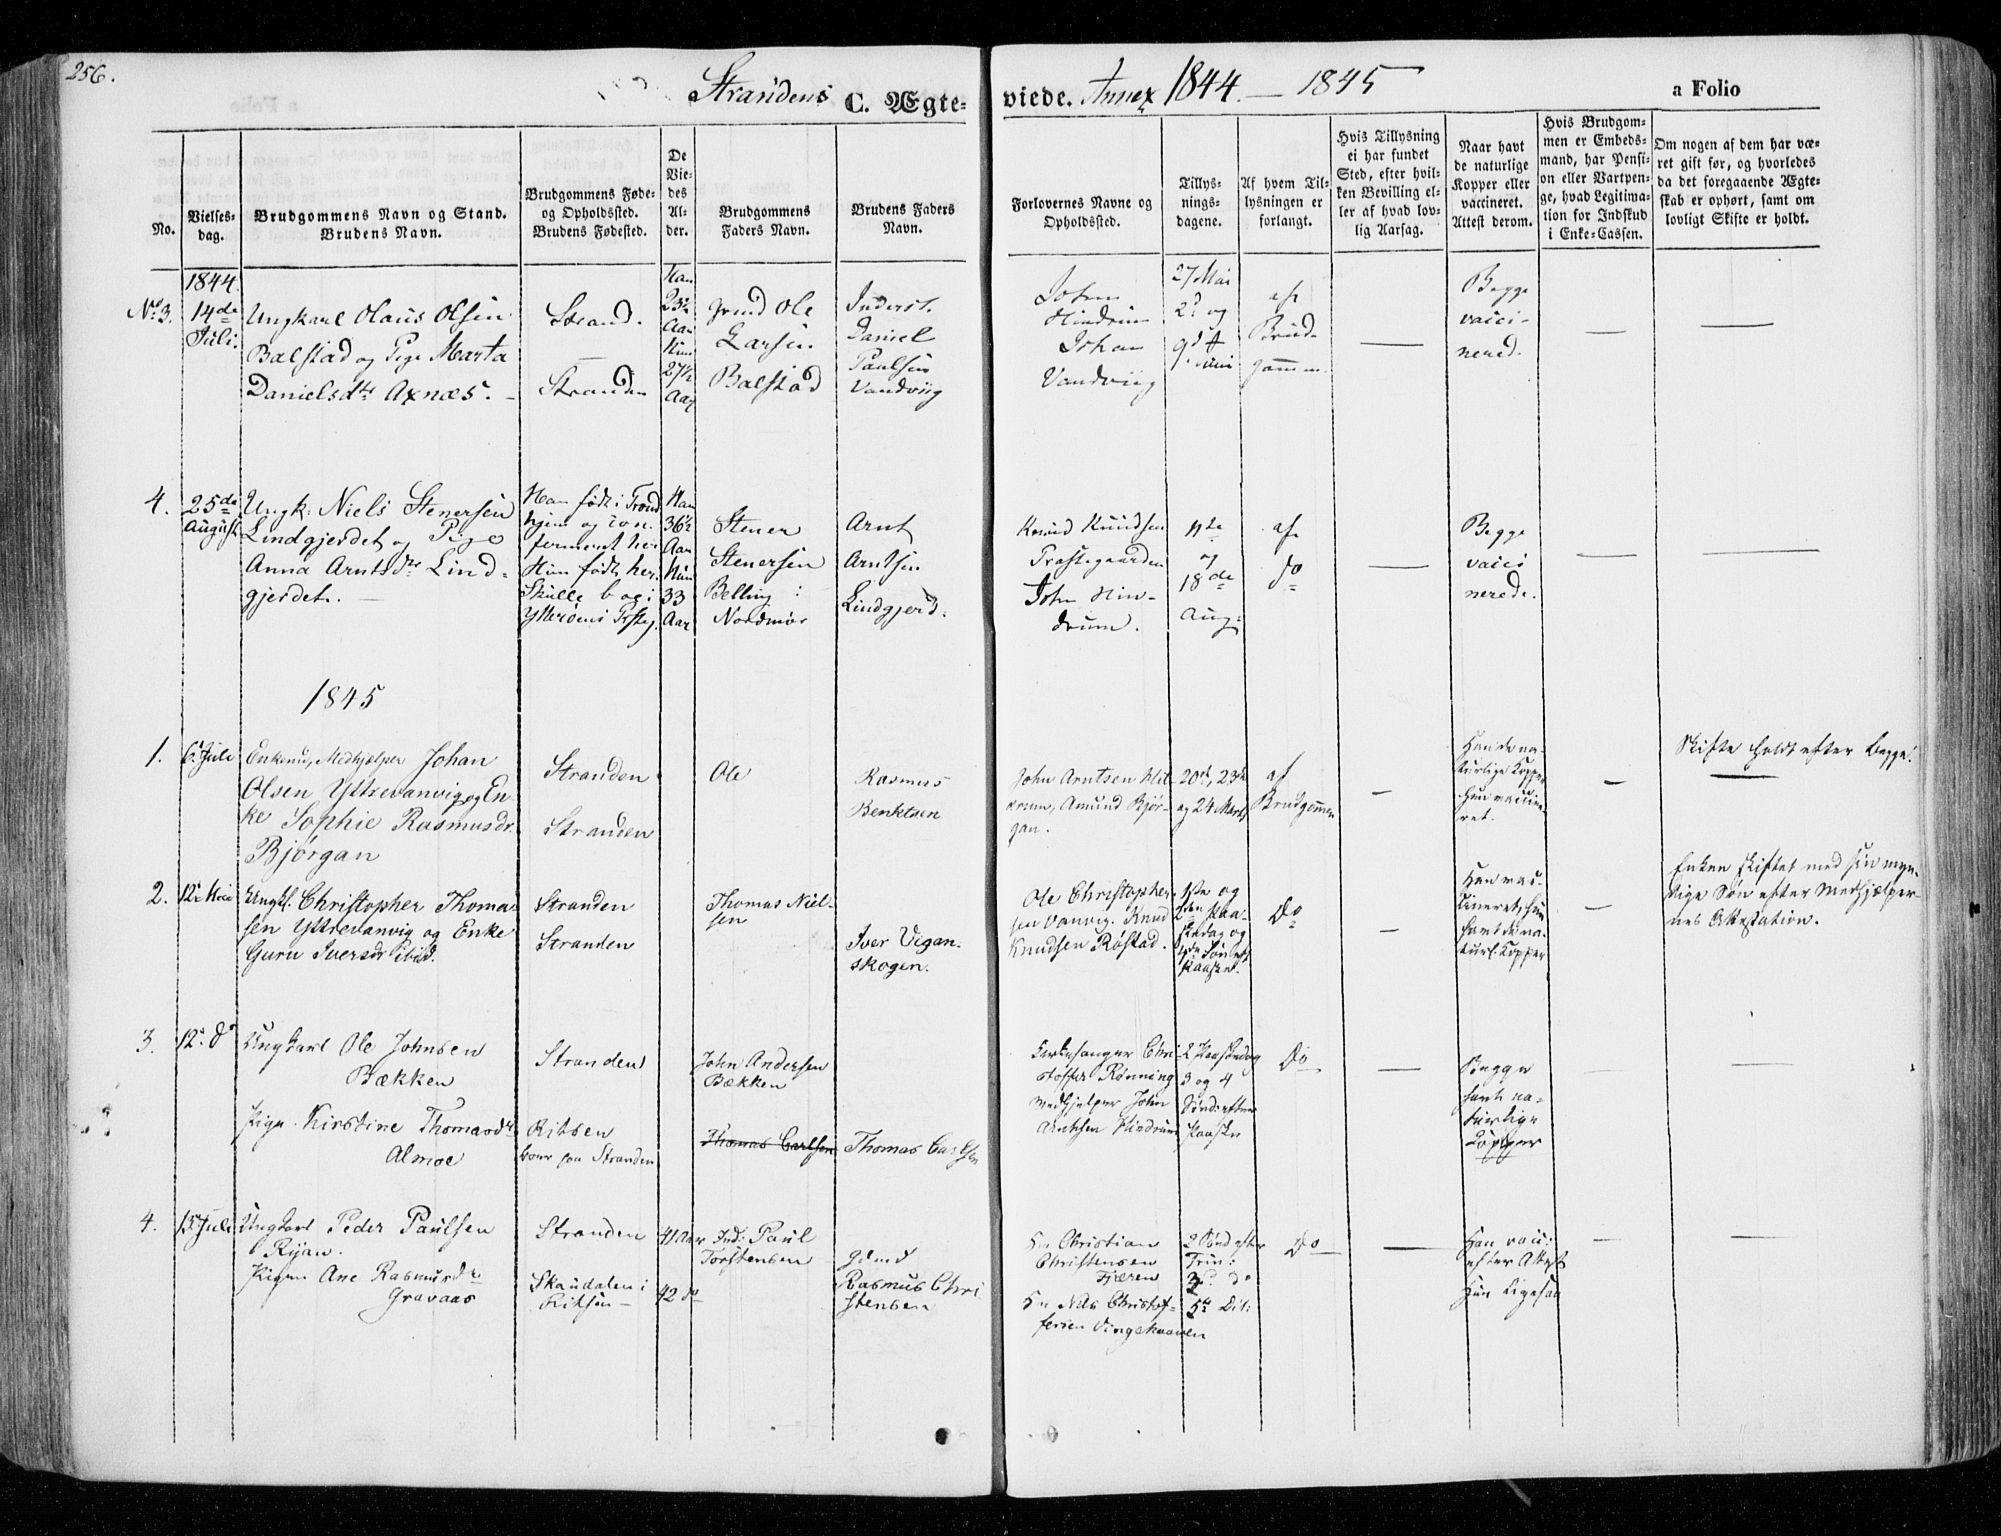 SAT, Ministerialprotokoller, klokkerbøker og fødselsregistre - Nord-Trøndelag, 701/L0007: Ministerialbok nr. 701A07 /2, 1842-1854, s. 256